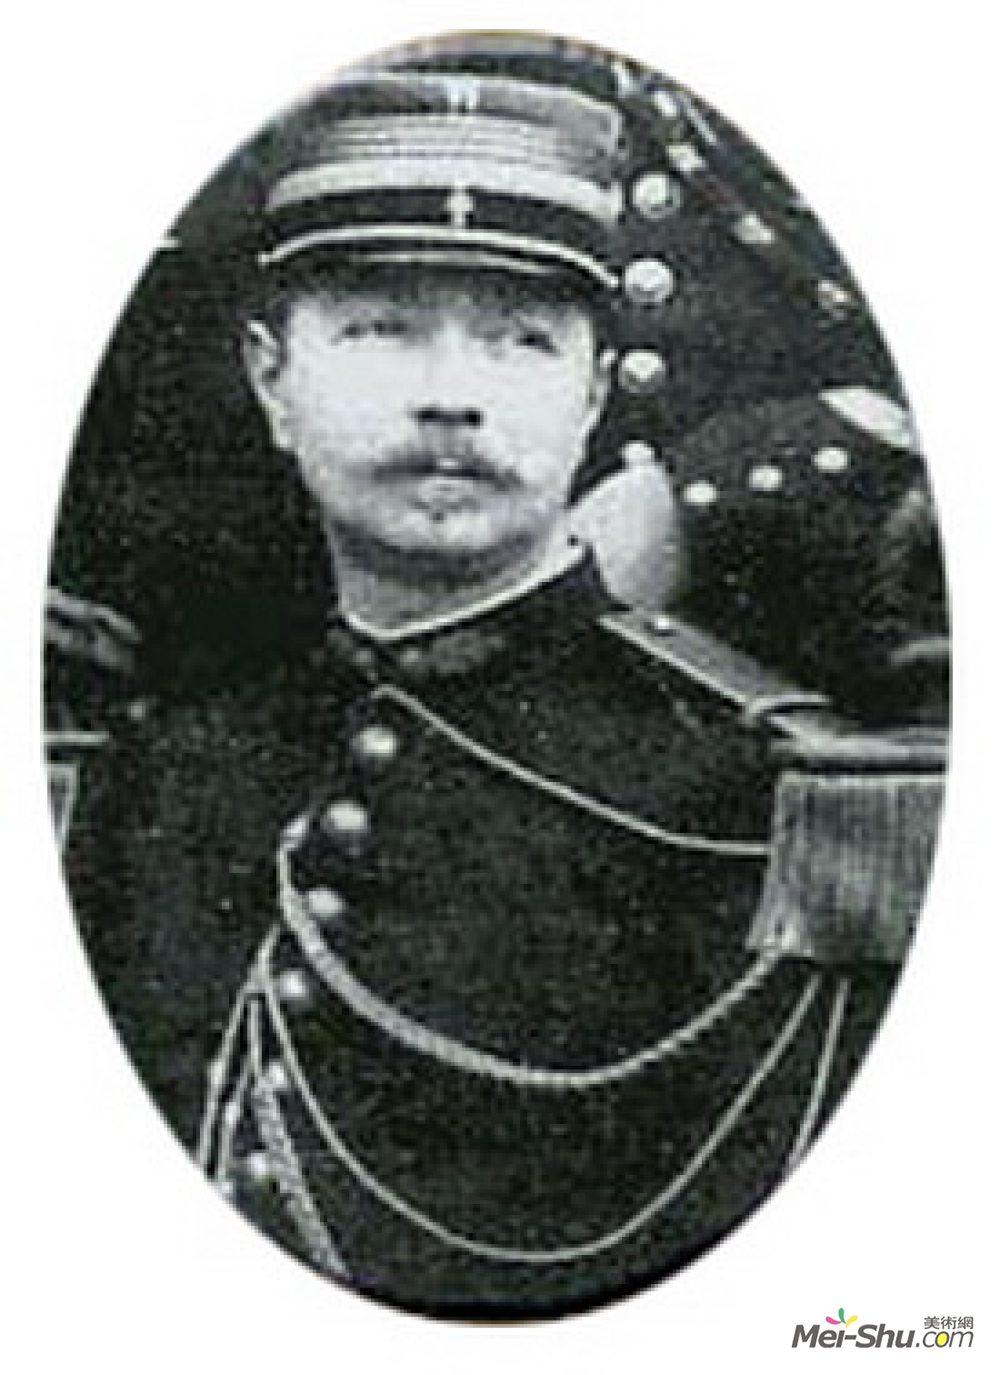 艾伯特杜布瓦皮雷(Albert Dubois-Pillet)